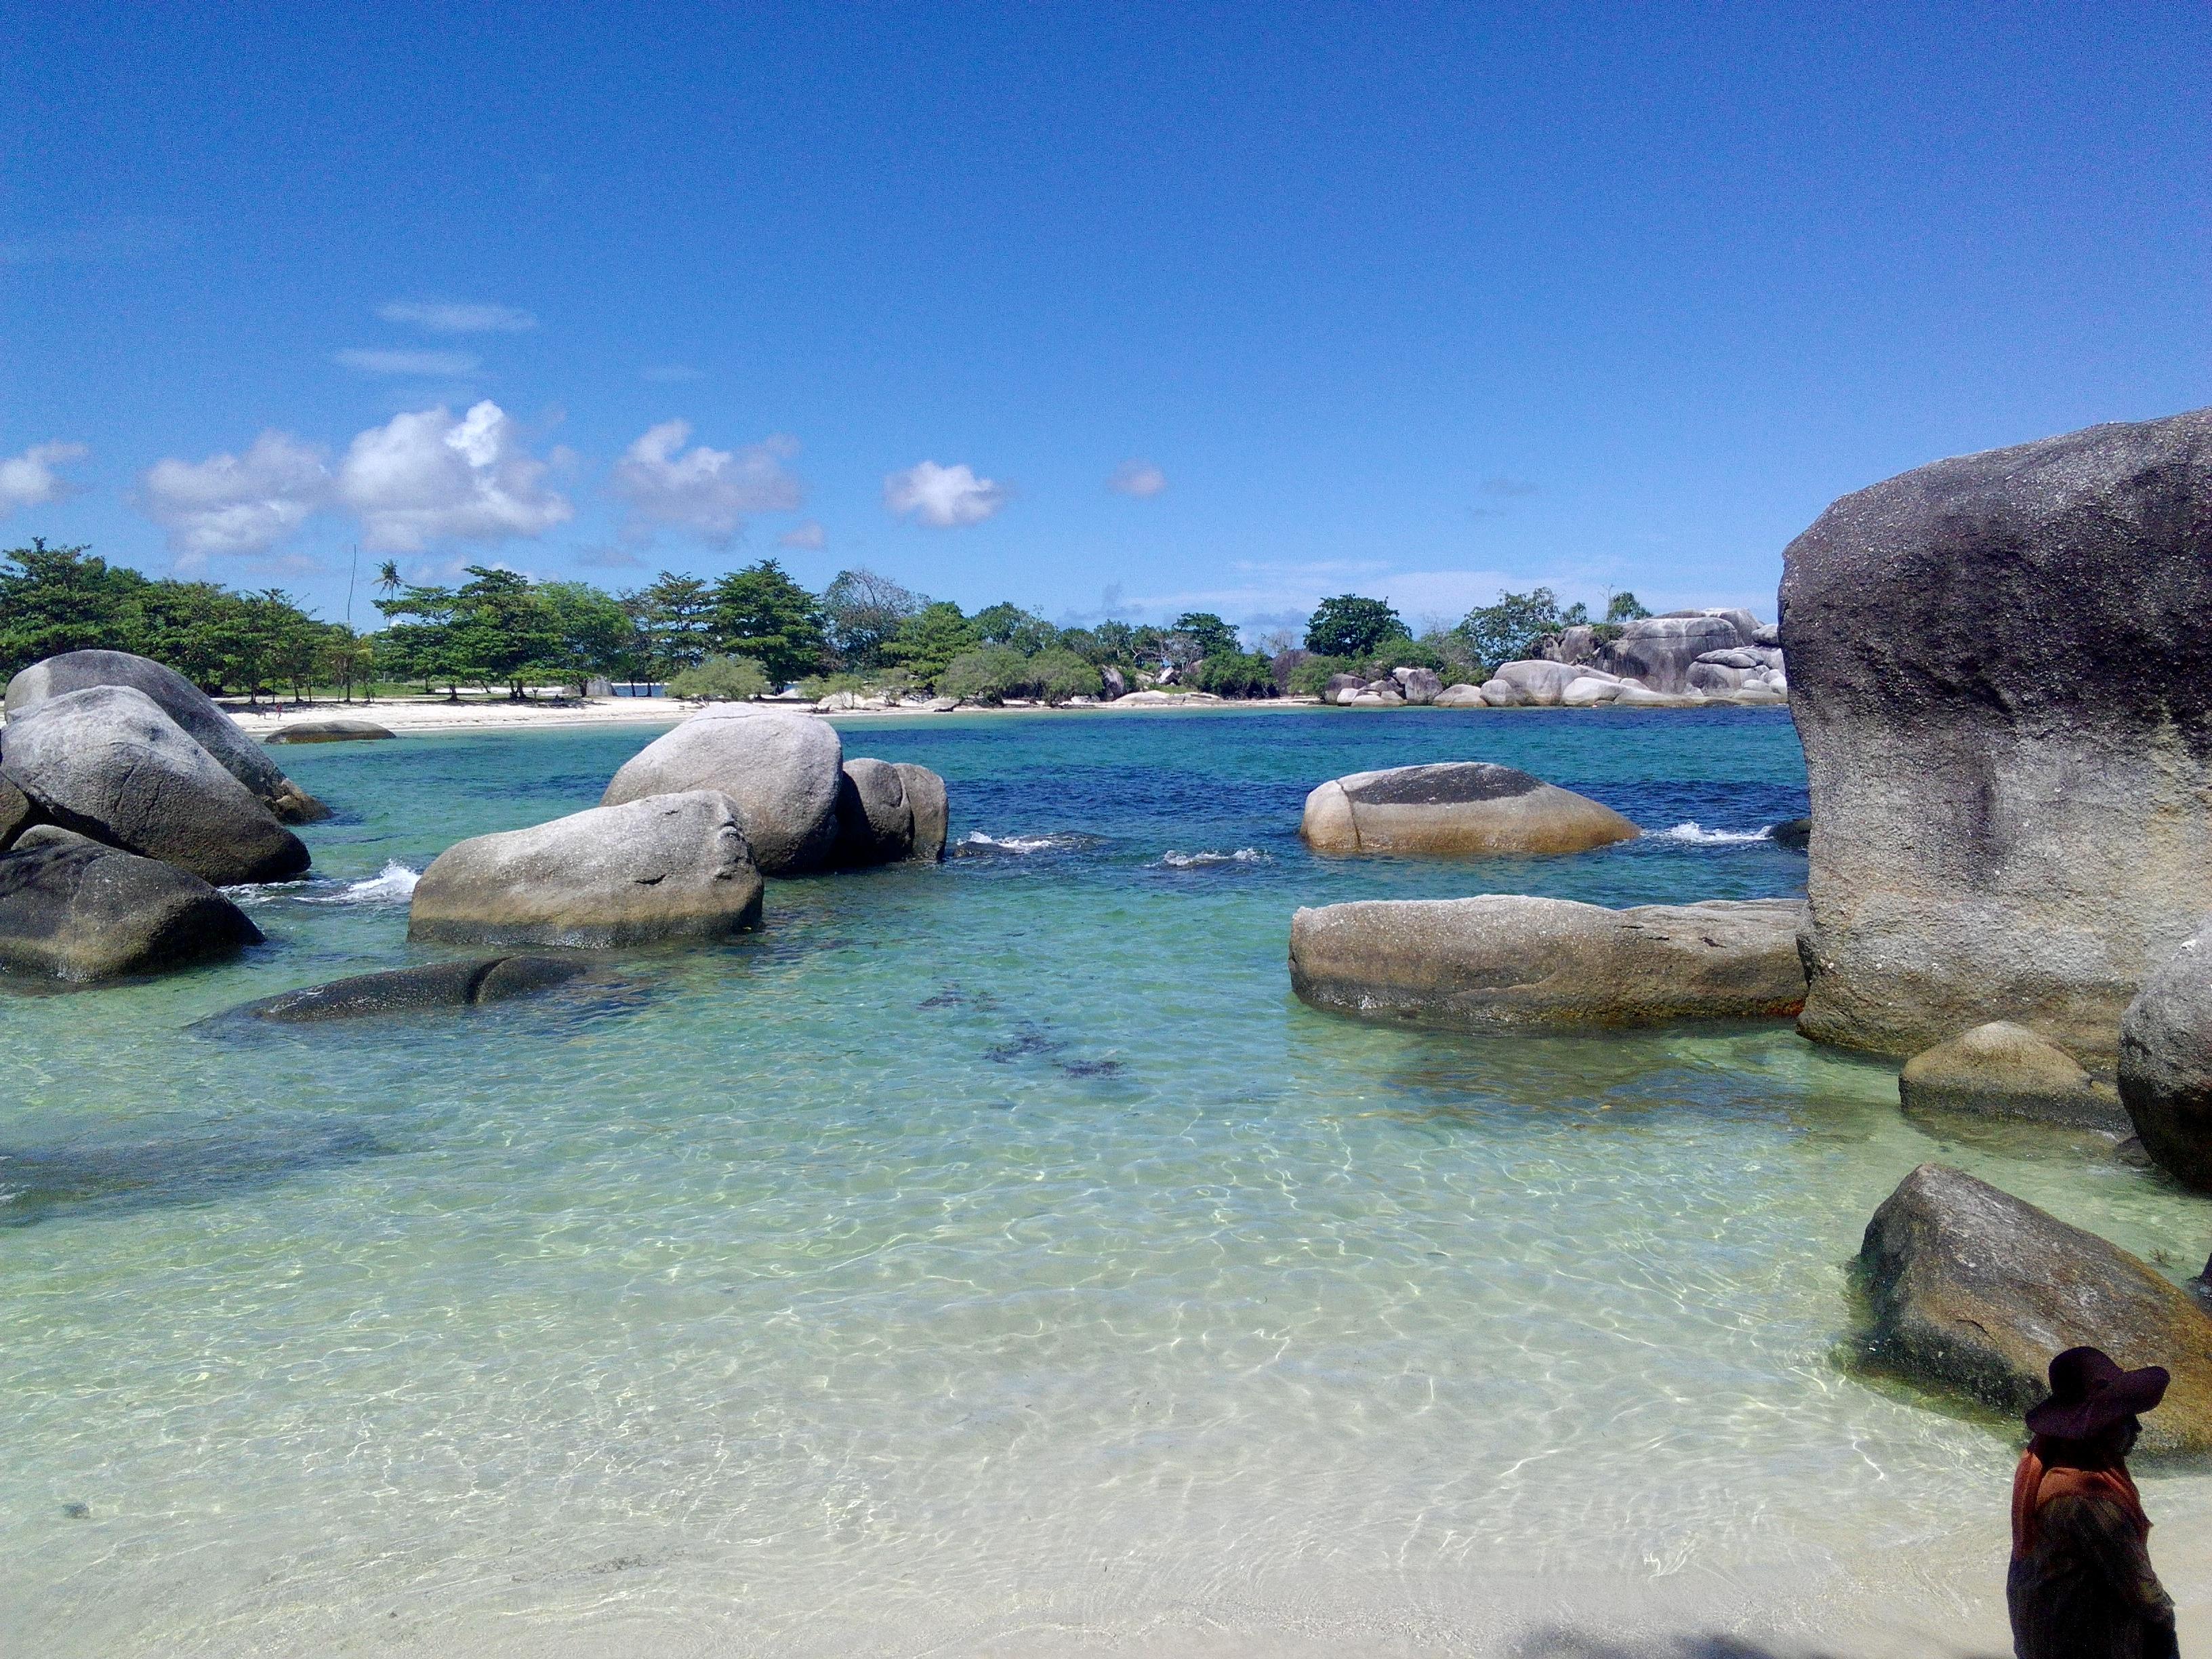 85 pemandangan pantai tanjung pesona HD Terbaru